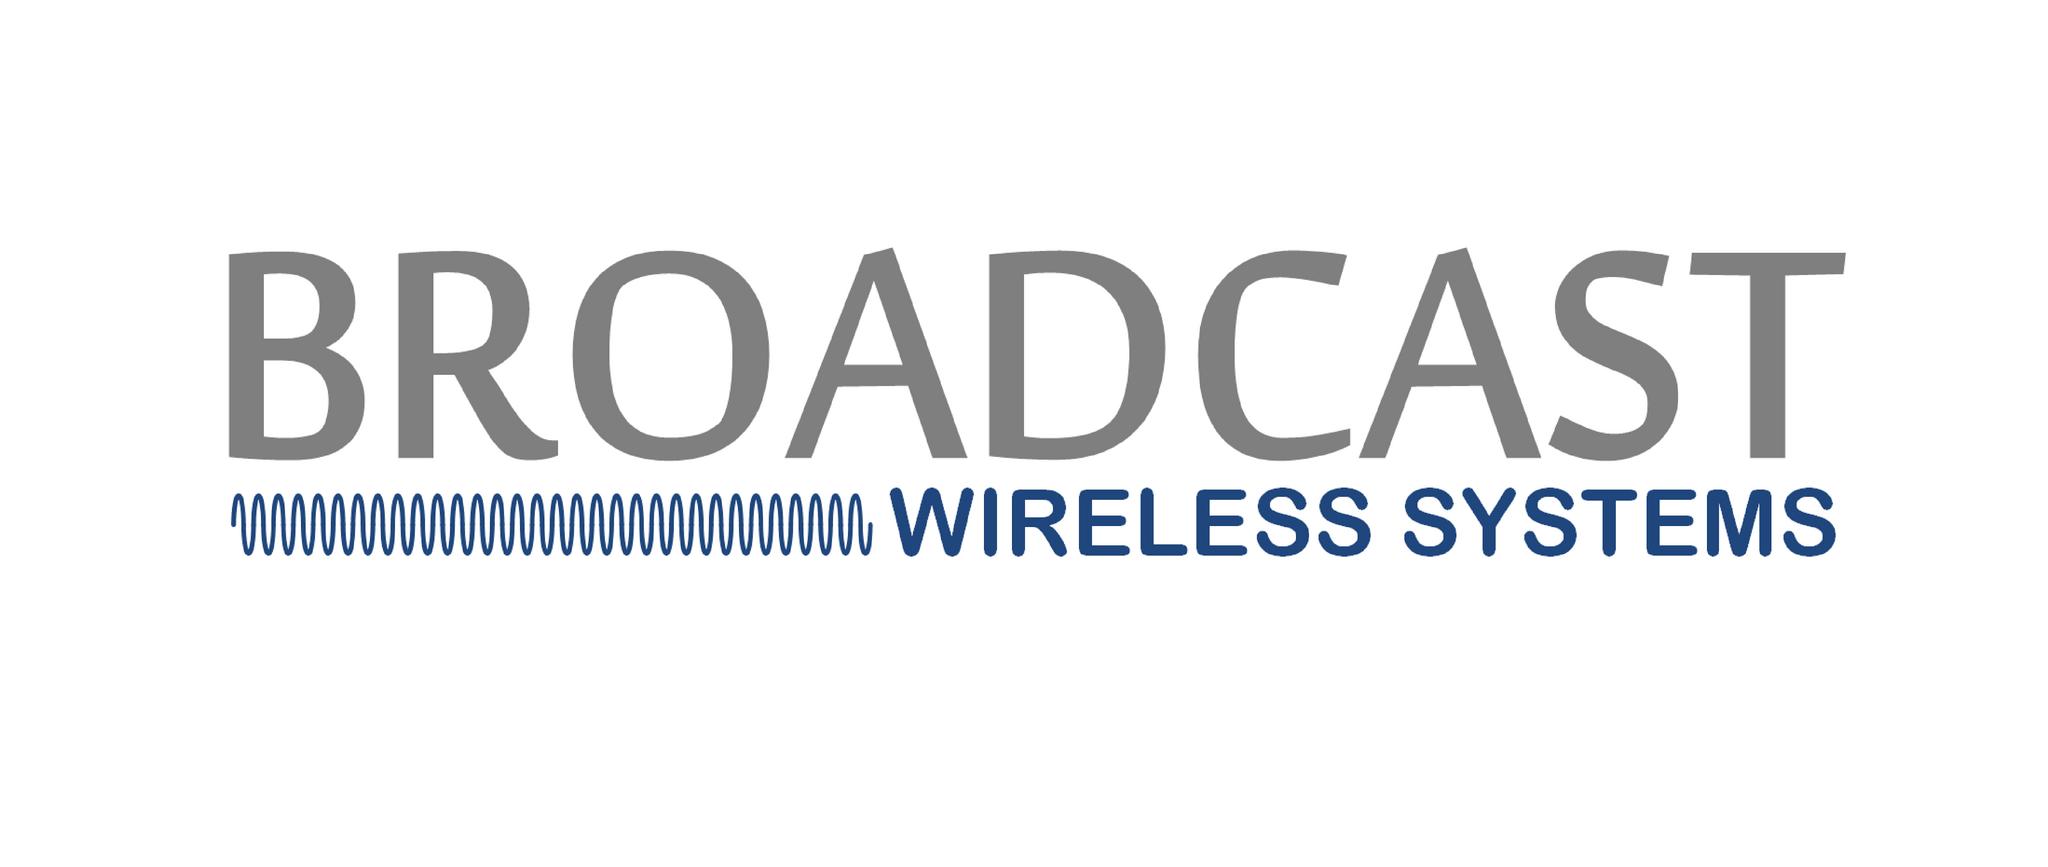 Broadcast Wireless Systems - GB